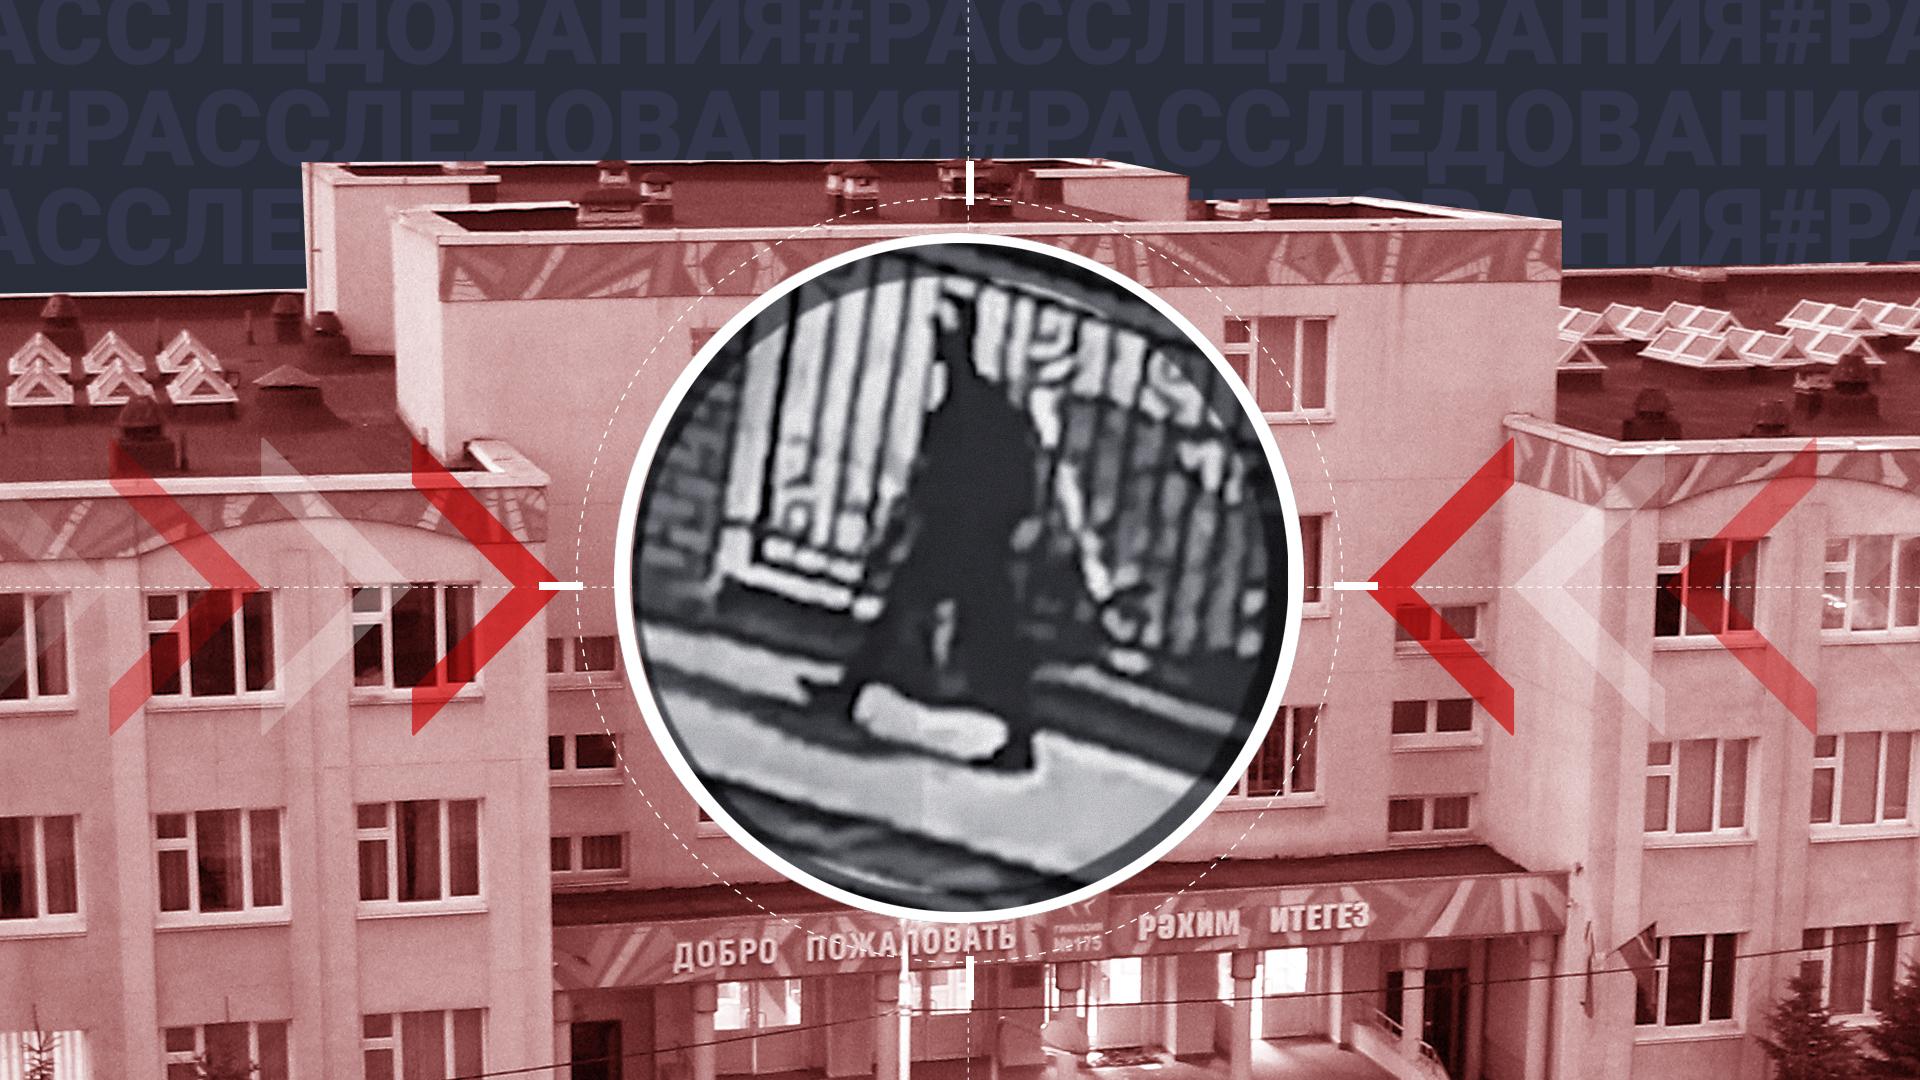 Дорого и бесполезно: почему современная система видеонаблюдения Казани не заметила вооружённого студента